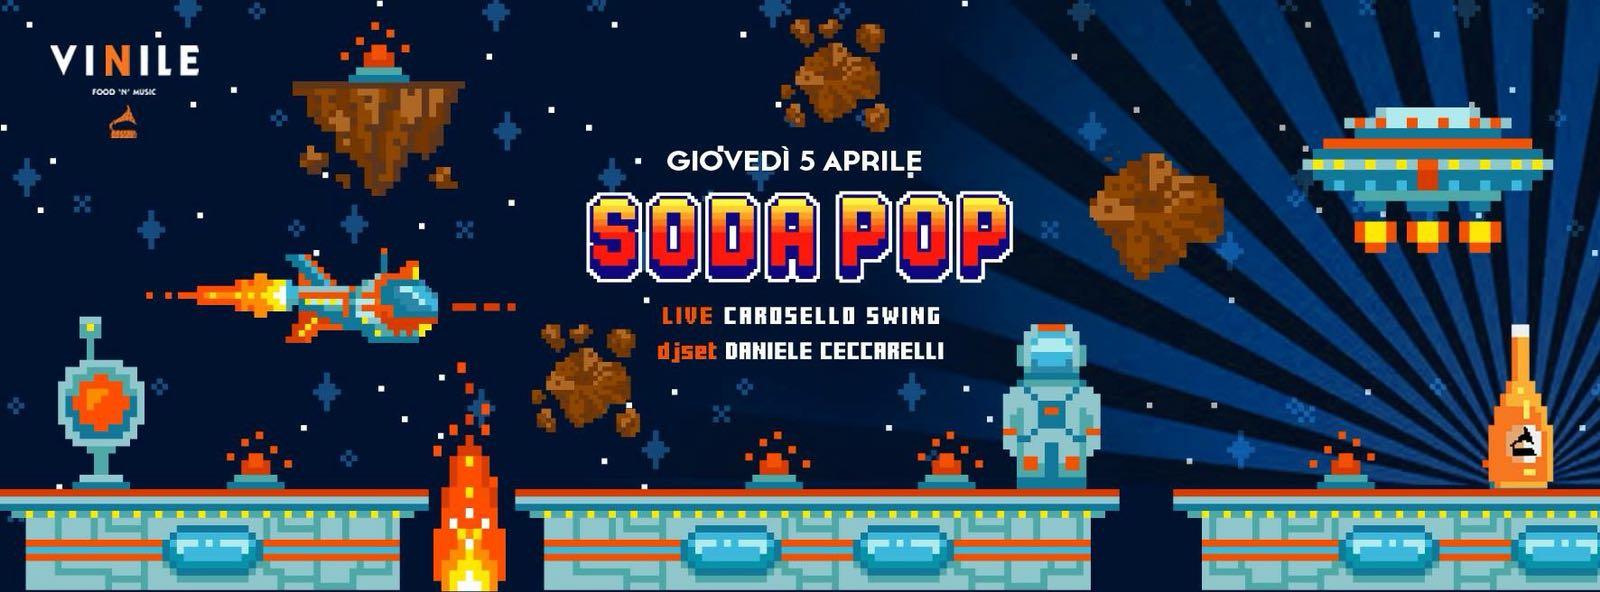 Soda Pop l'aperitivo del giovedi al Vinile di Roma 5 marzo 2018